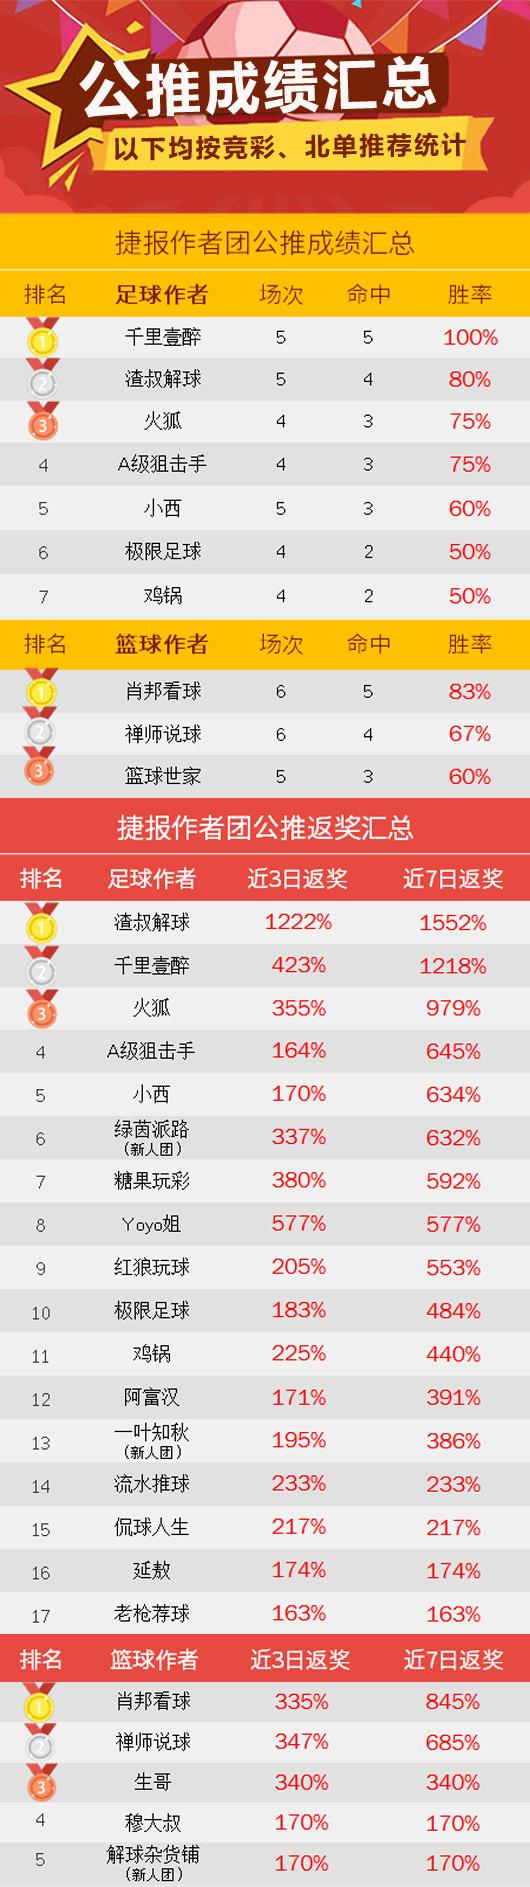 作者周榜:Yoyo、紅狼勝率100% 陳月笙籃球登榜首